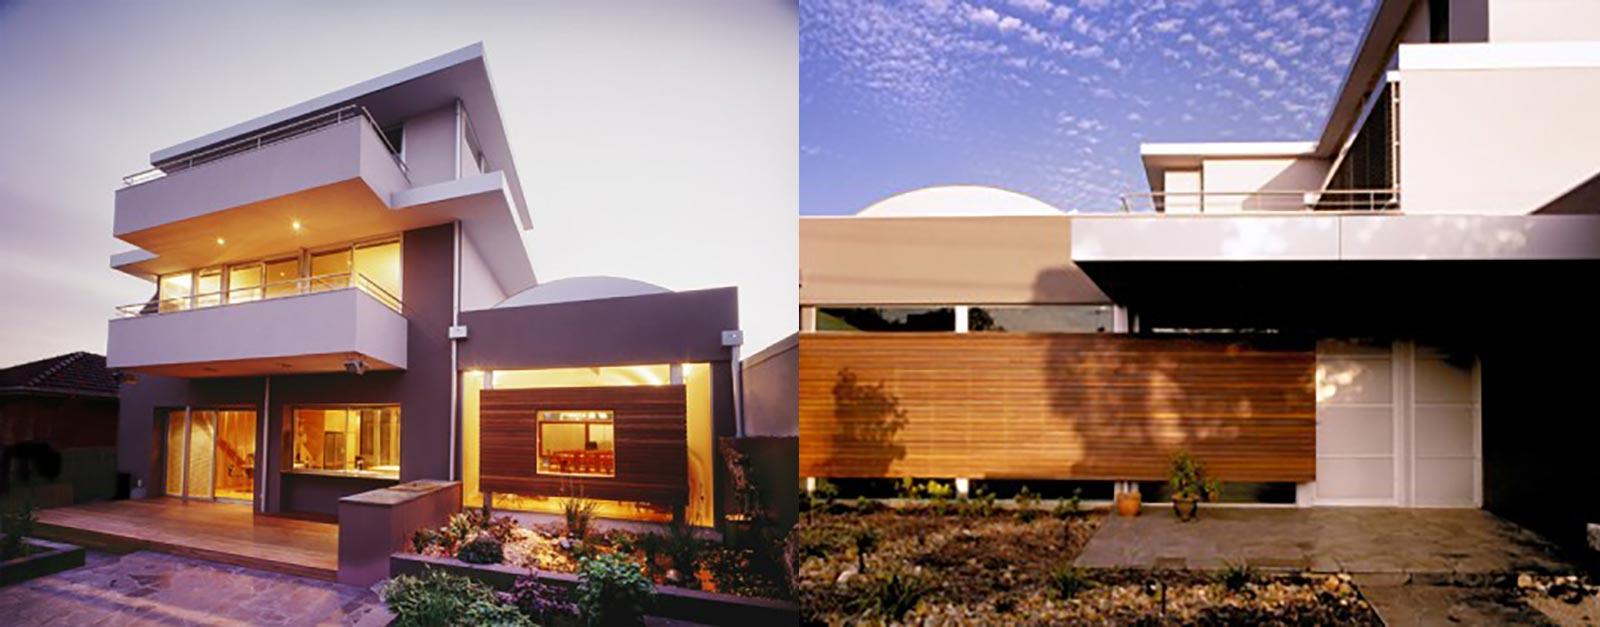 Architect Design Homes Australia